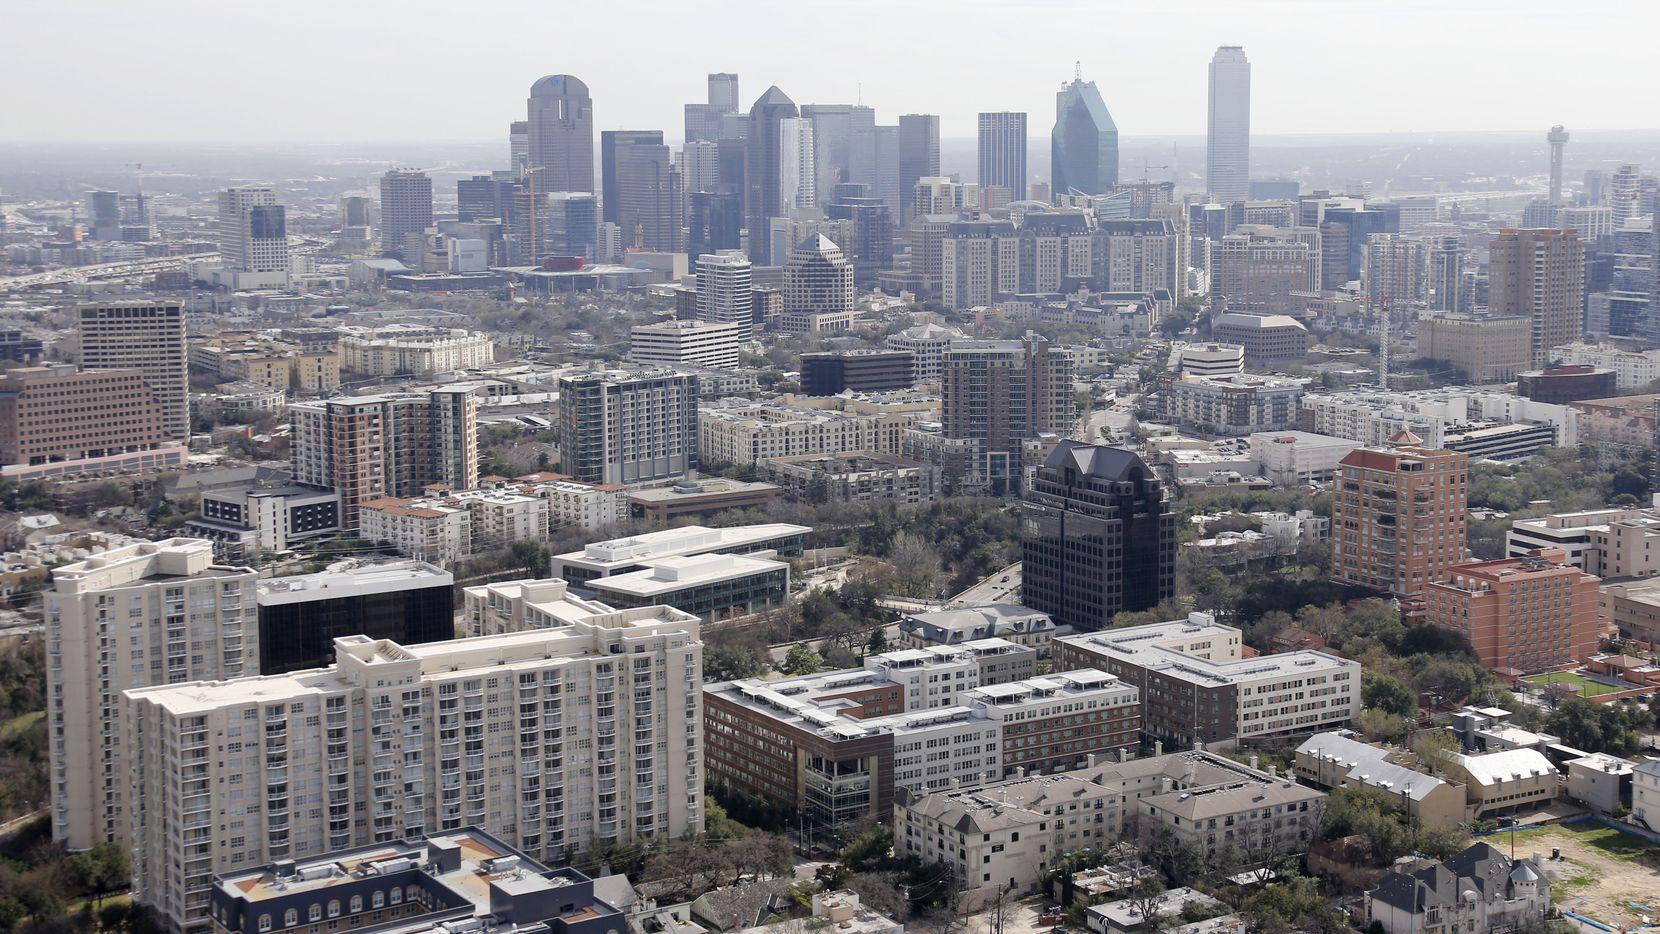 Corte Suprema de Texas dispuso el fin de la suspensión temporal de desalojos a nivel estatal. A nivel local hay todavía otras protecciones para los inquilinos.